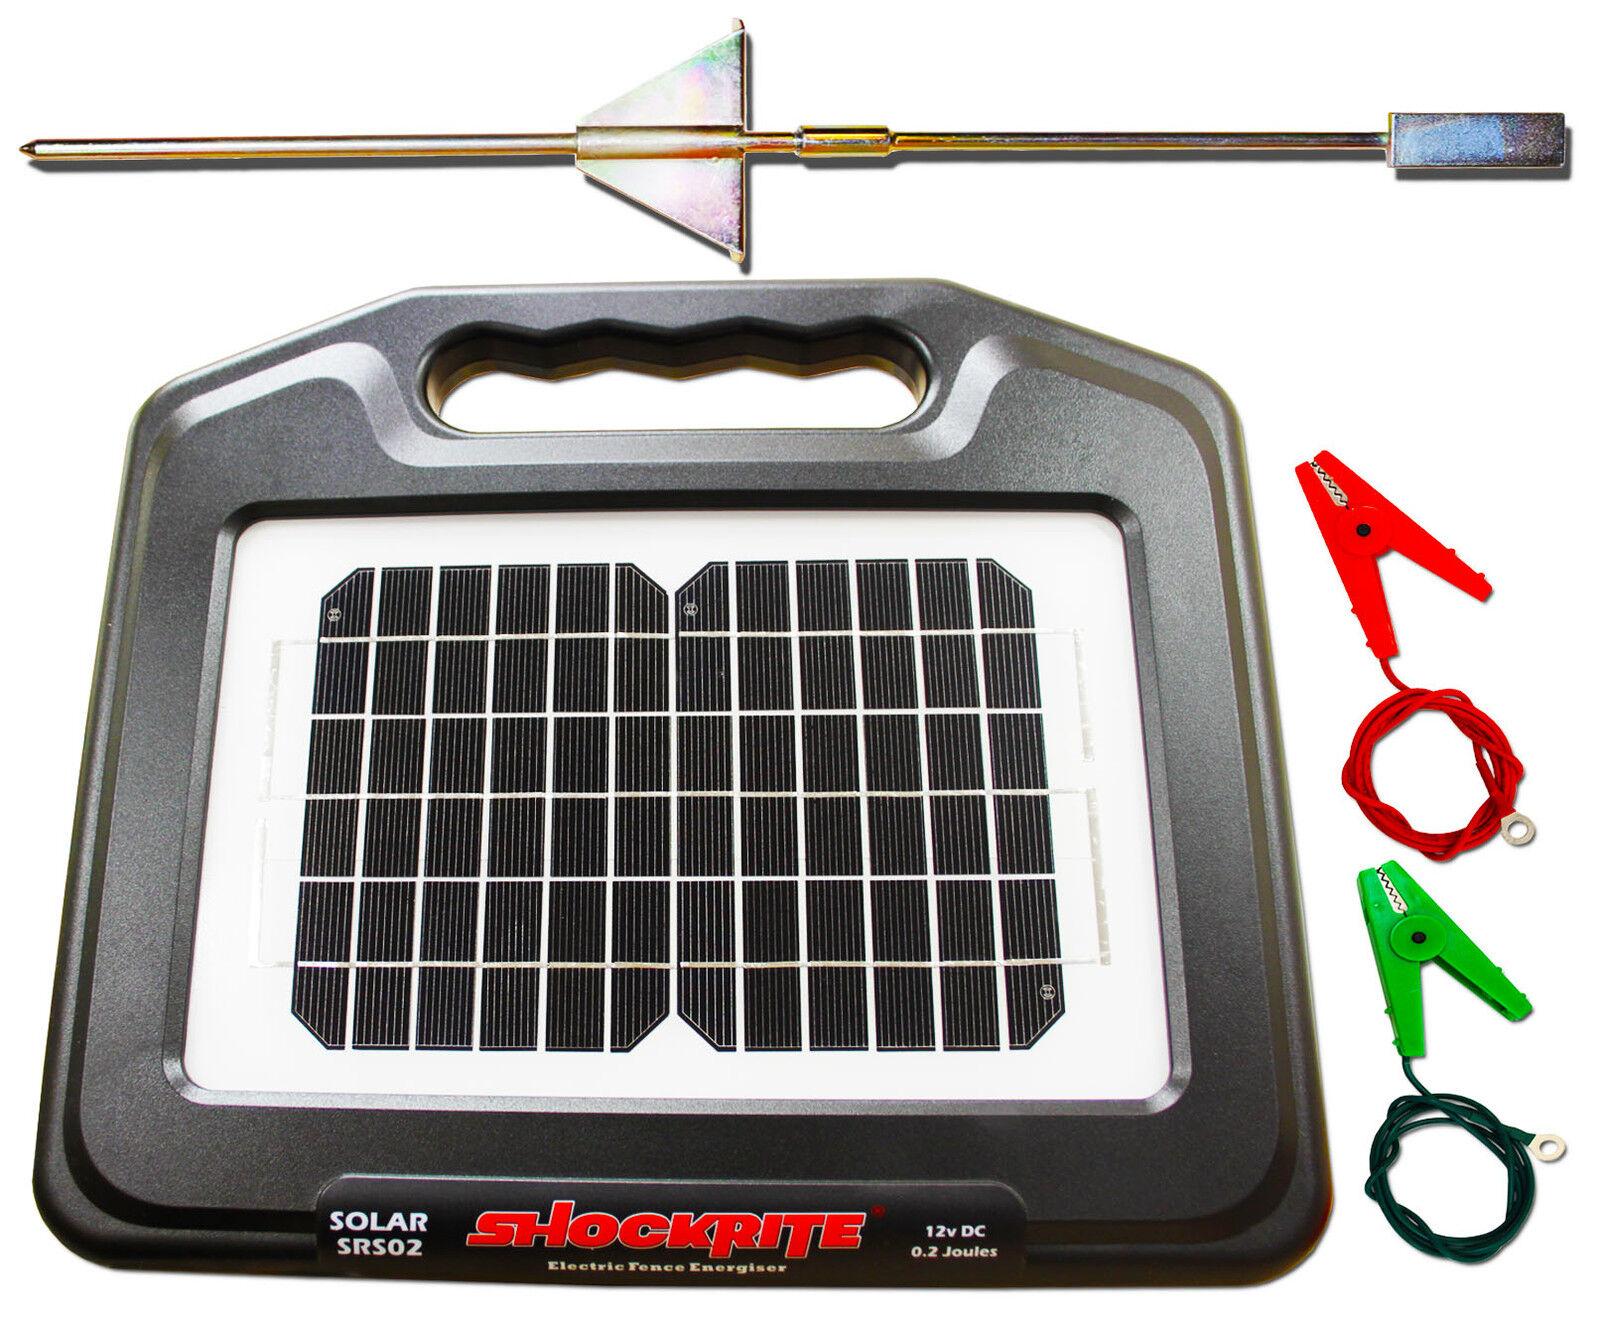 solar electric fence energiser shockrite srs02 0 2j fencing fencer